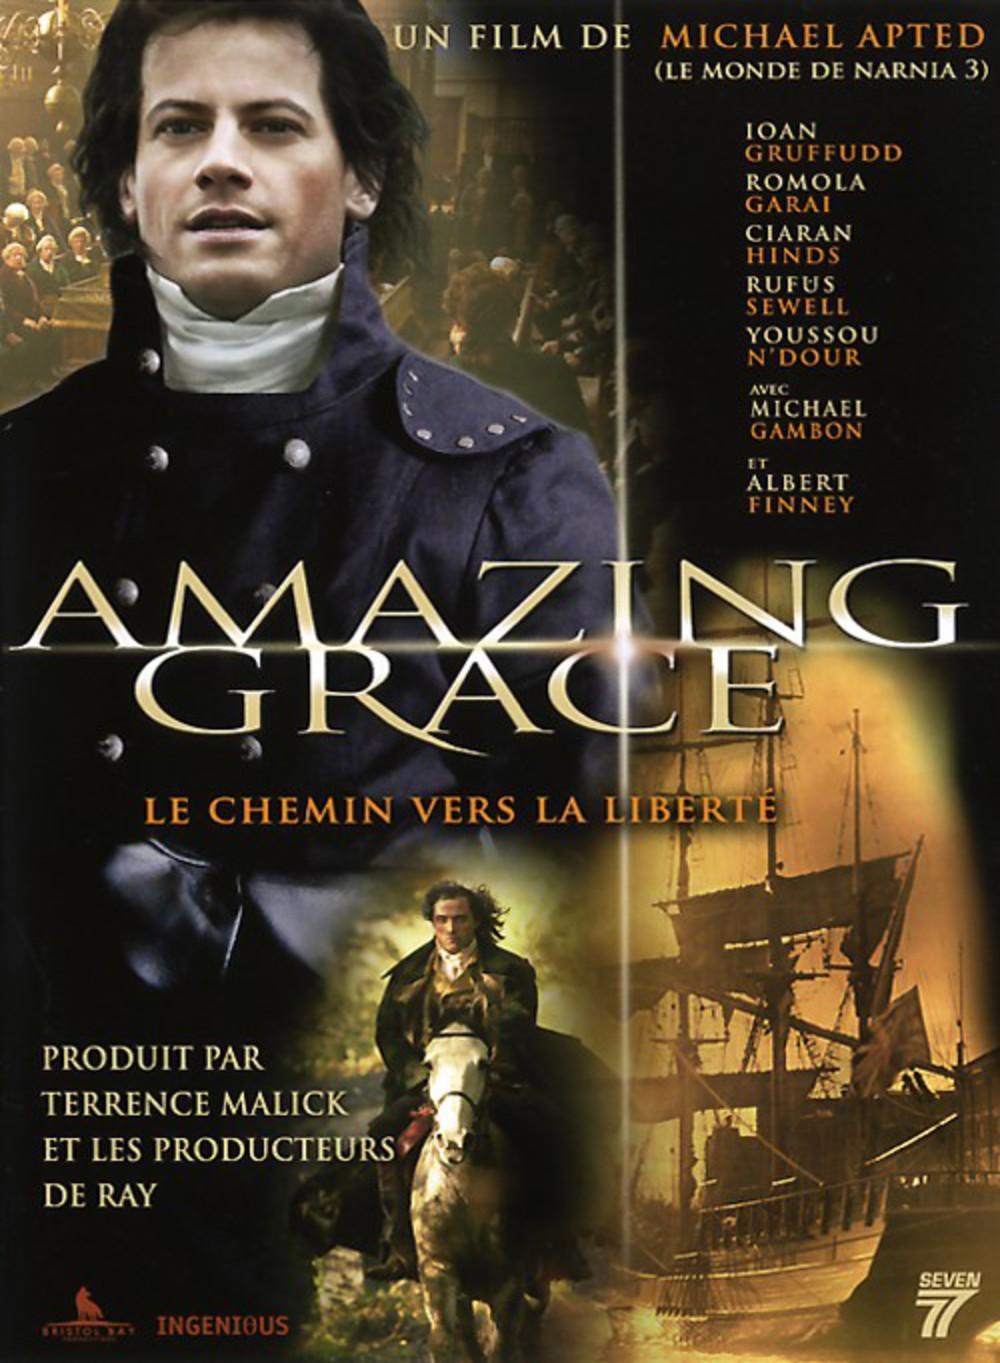 affiche du film Amazing Grace (2006)